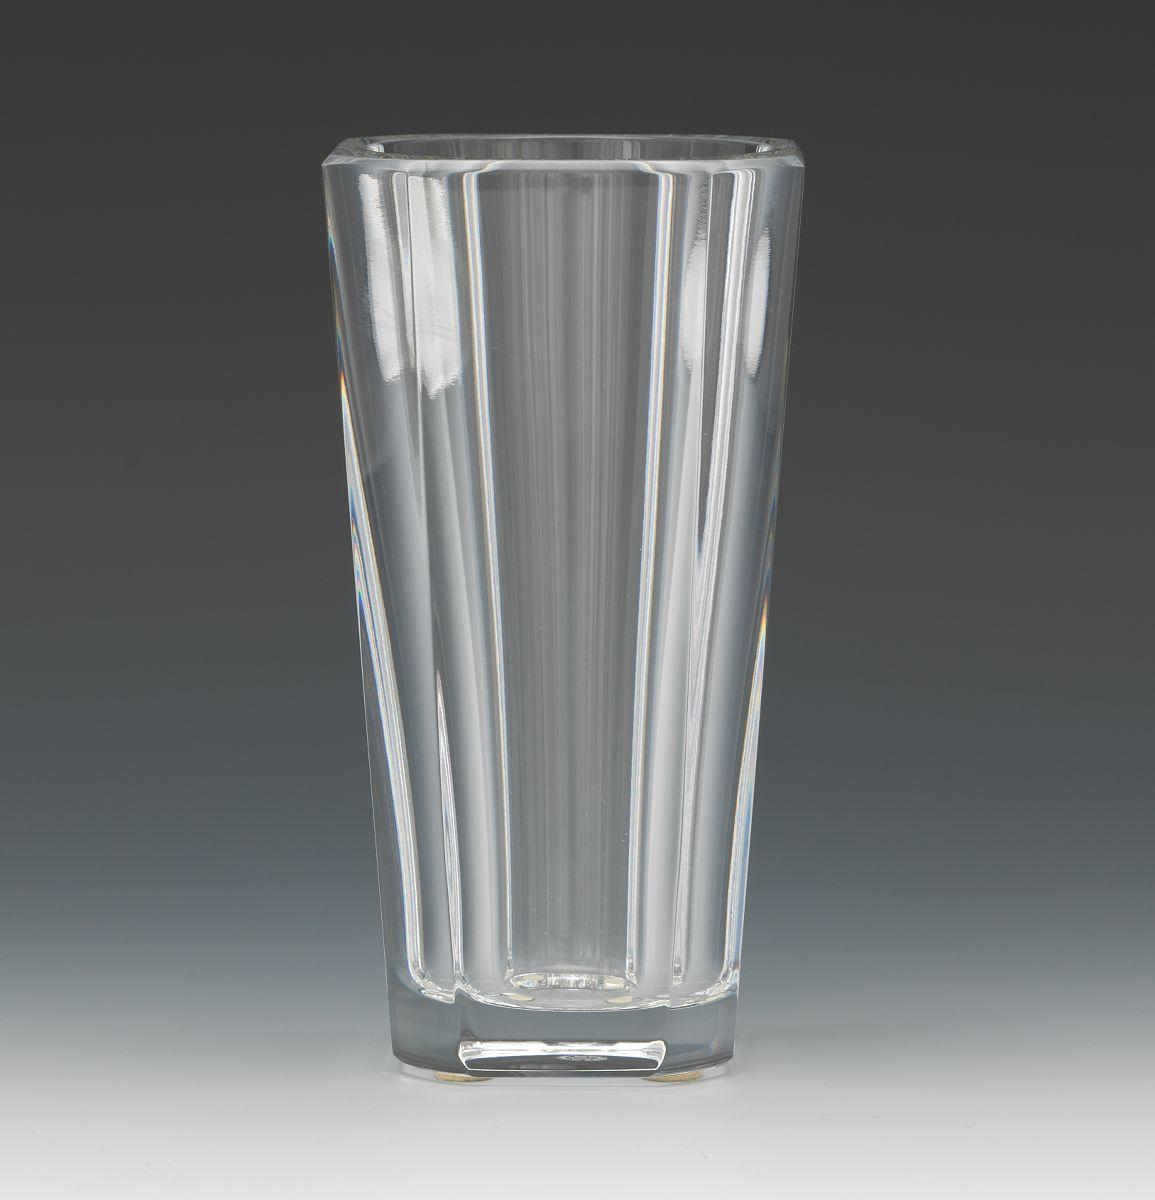 A baccarat crystal diane vase 103014 sold 20125 a baccarat crystal diane vase reviewsmspy